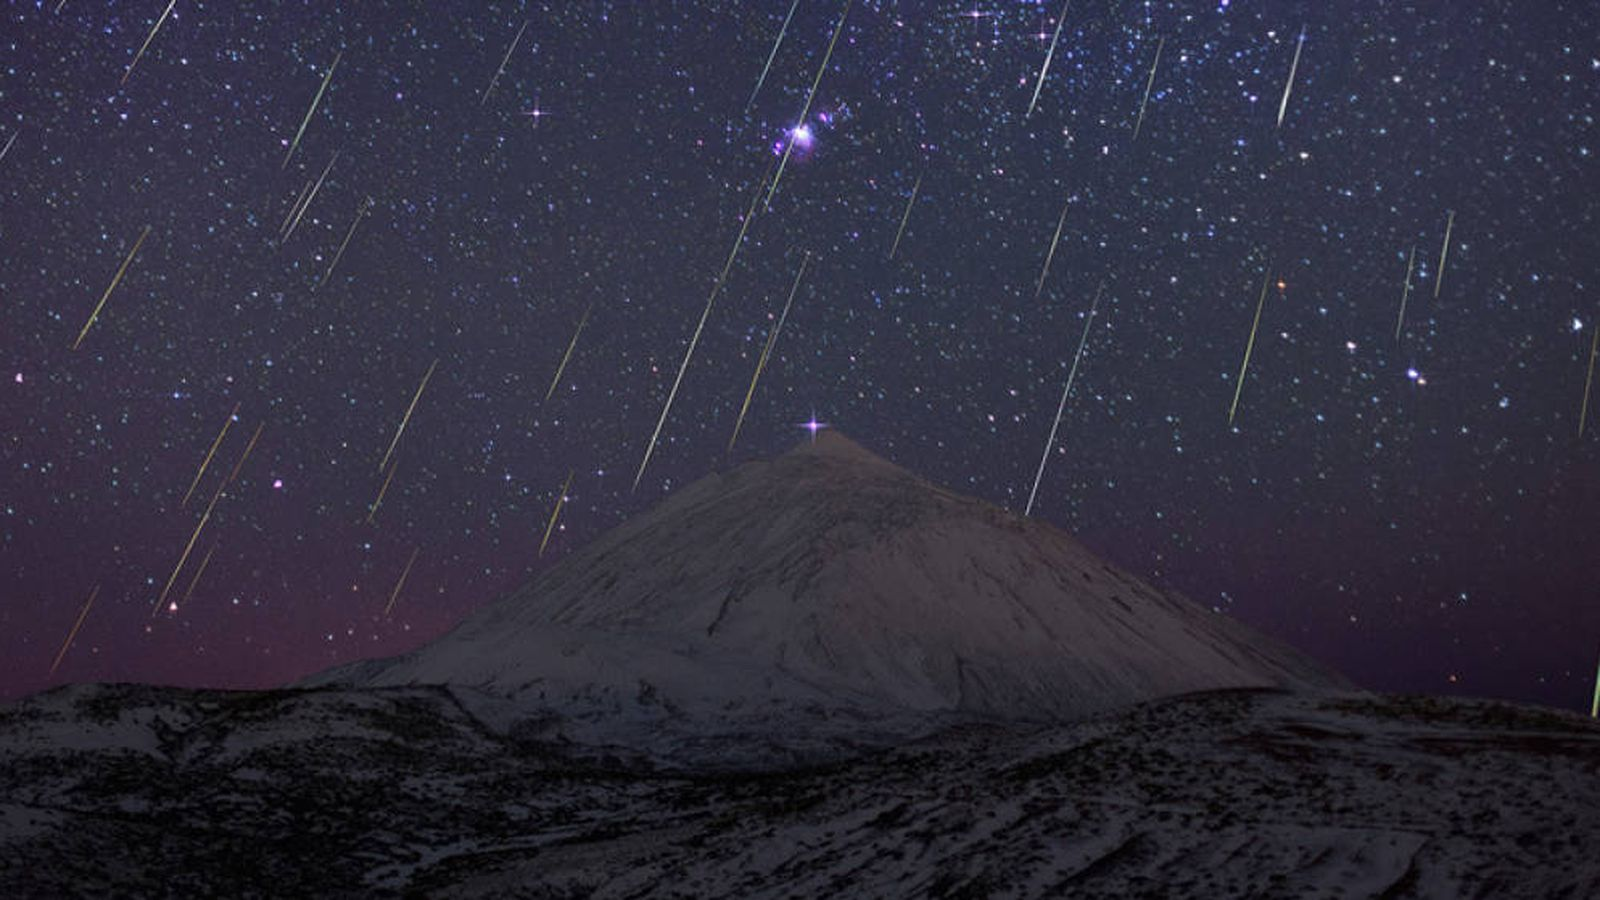 Foto: Una lluvia de estrellas, captada en 2013 por el astrofotógrafo Juan Carlos Casado.